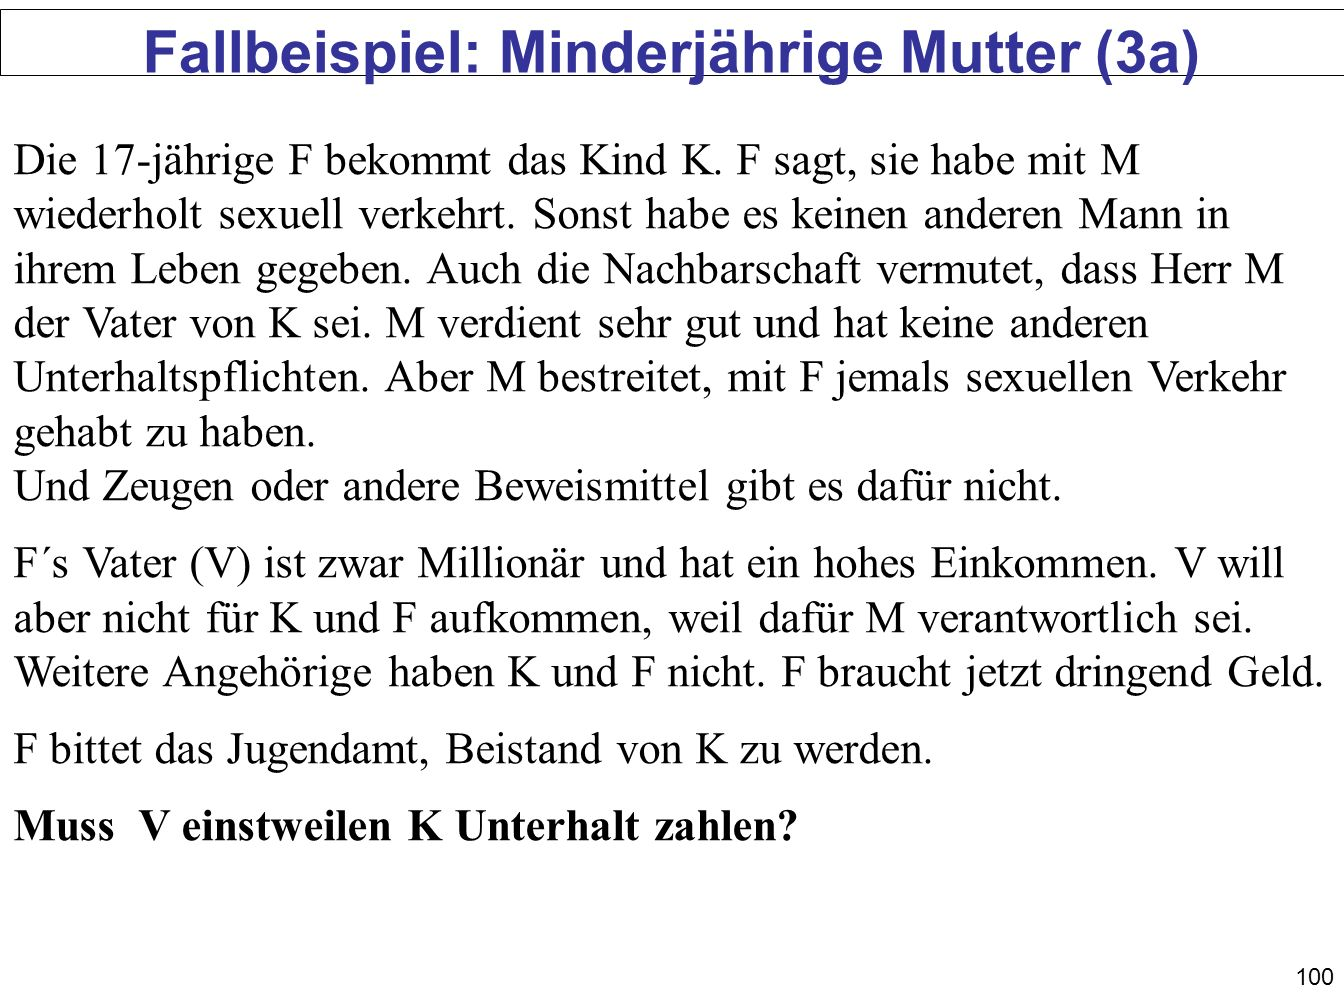 Fallbeispiel: Minderjährige Mutter (3a)